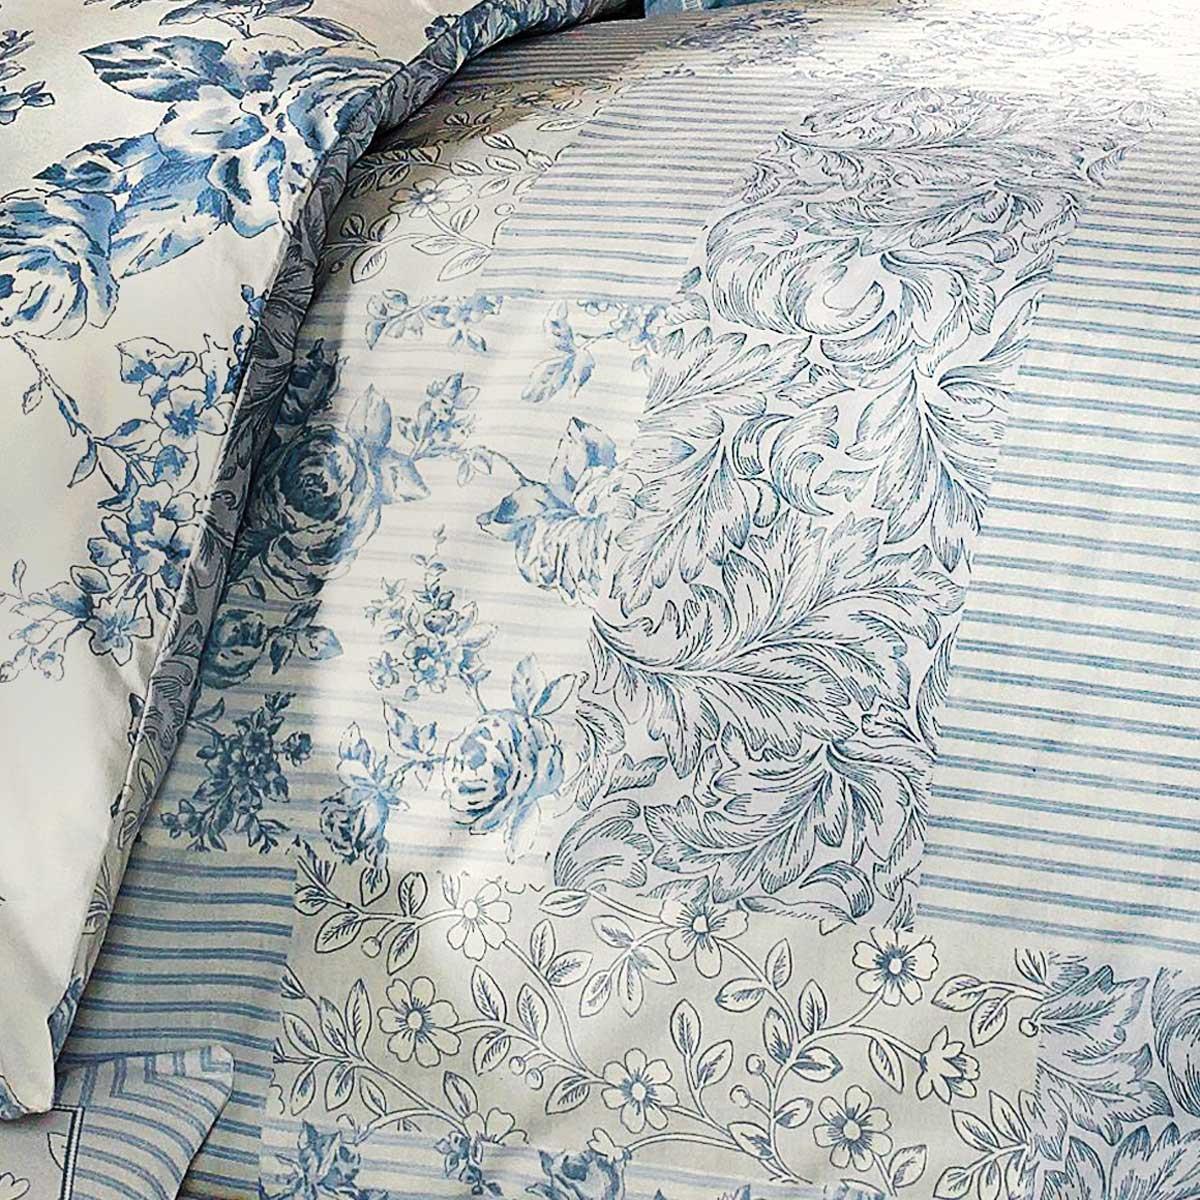 Fundas-de-edredon-azul-con-motivos-florales-Patchwork-Toile-pais-Edredon-Cubierta-de-Lujo-sistemas miniatura 7